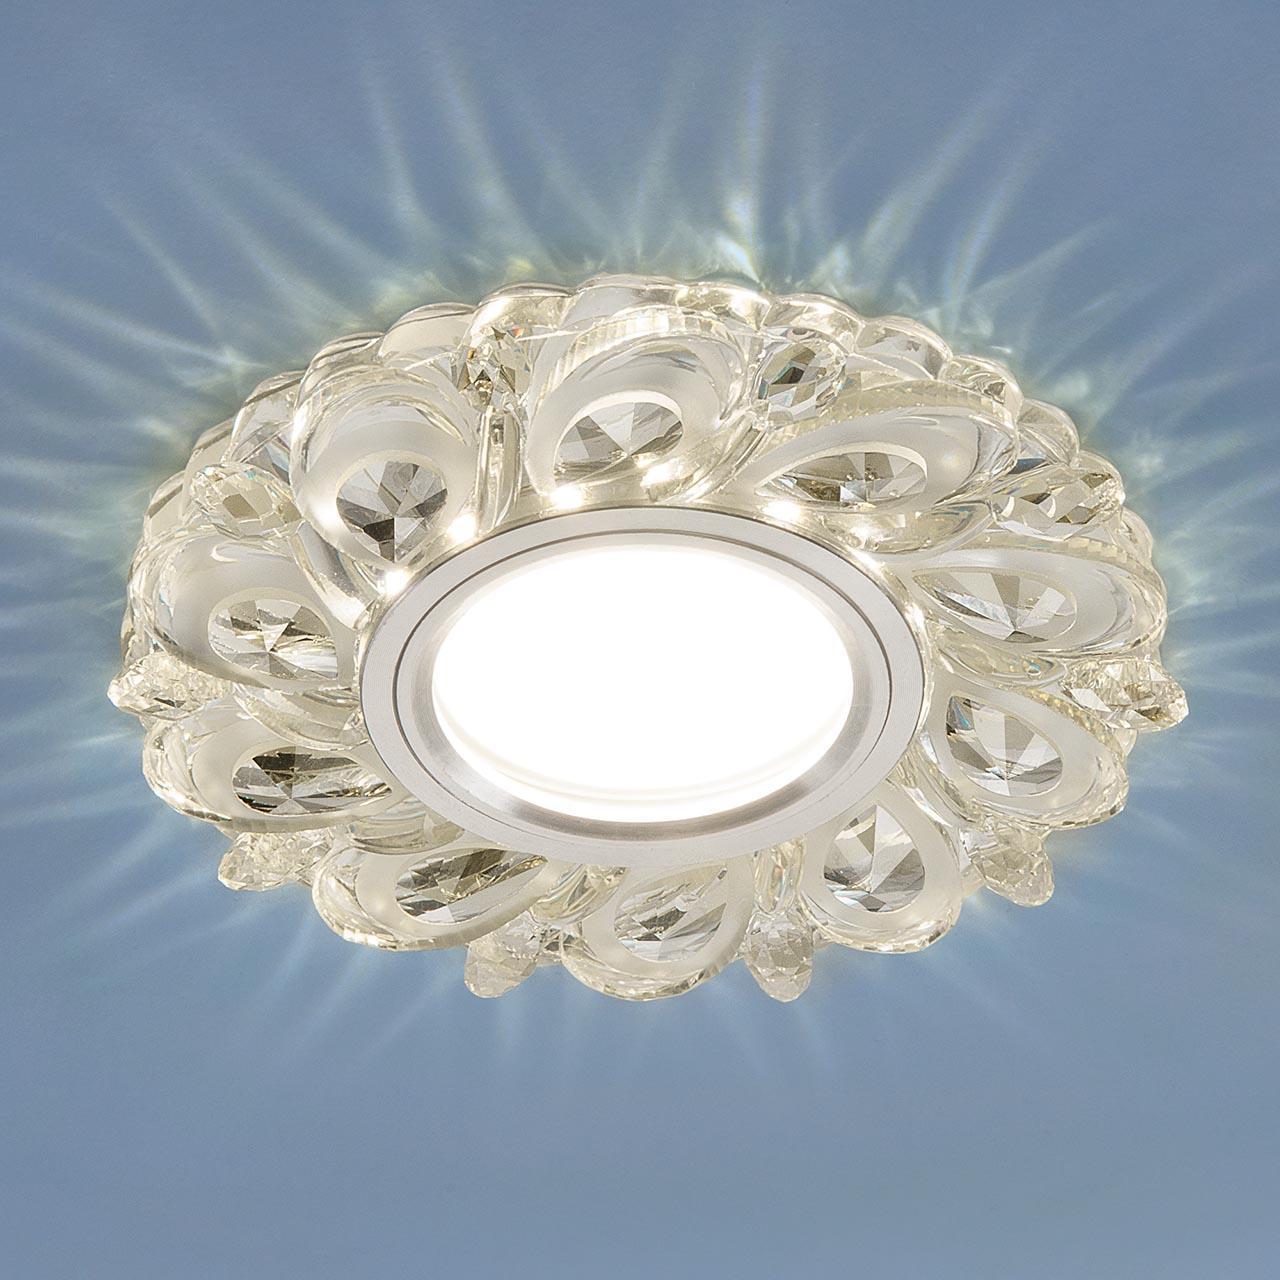 Фото - Встраиваемый светильник Elektrostandard 2219 MR16 CL прозрачный 4690389129551 cветильник галогенный de fran встраиваемый 1х50вт mr16 ip20 зел античное золото